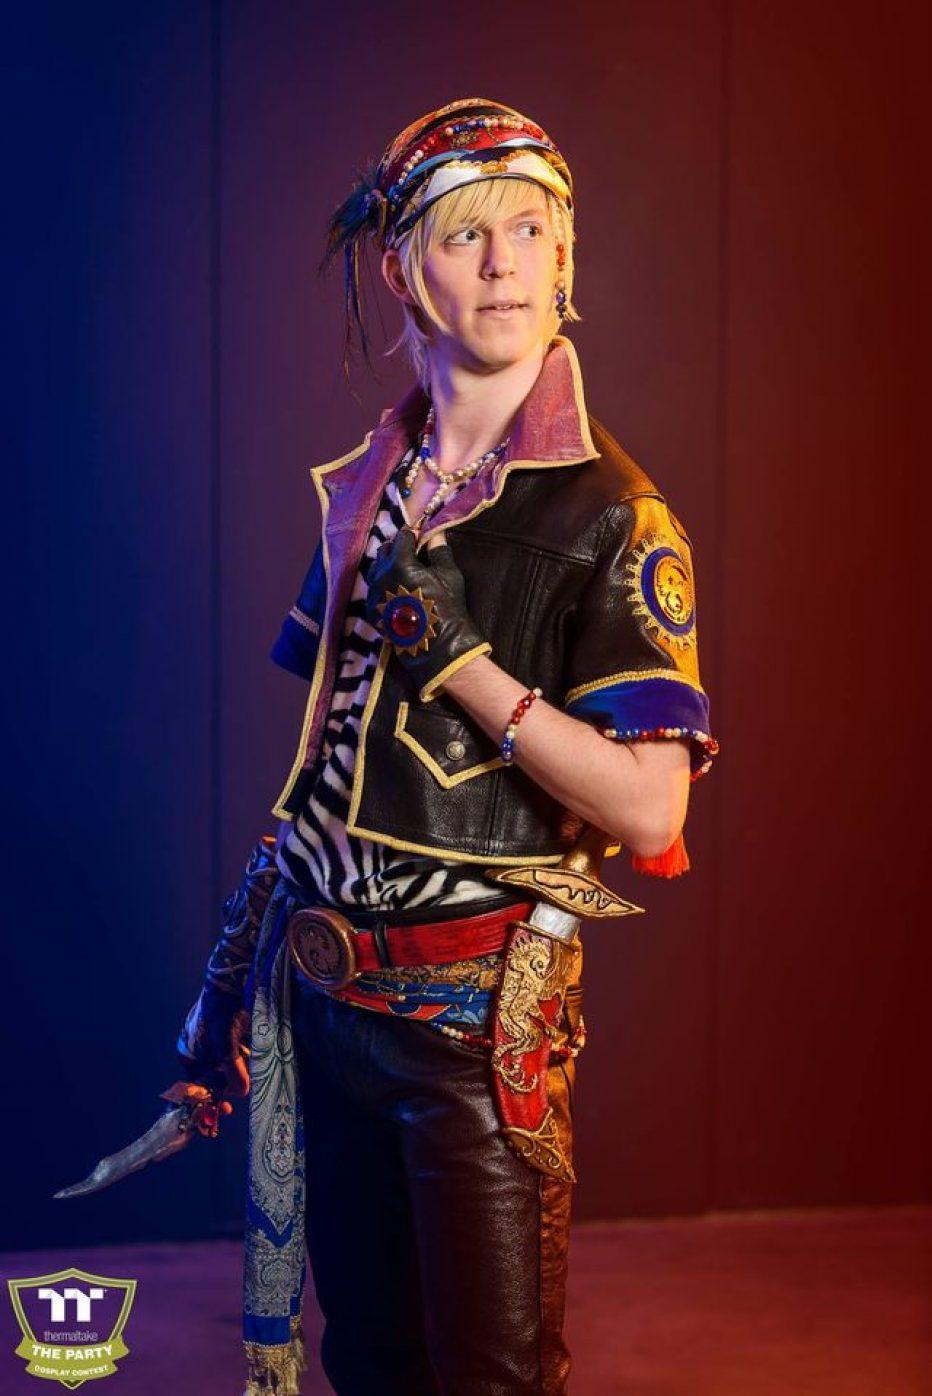 Final-Fantasy-VI-Locke-Cole-Cosplay-Gamers-Heroes-1.jpg